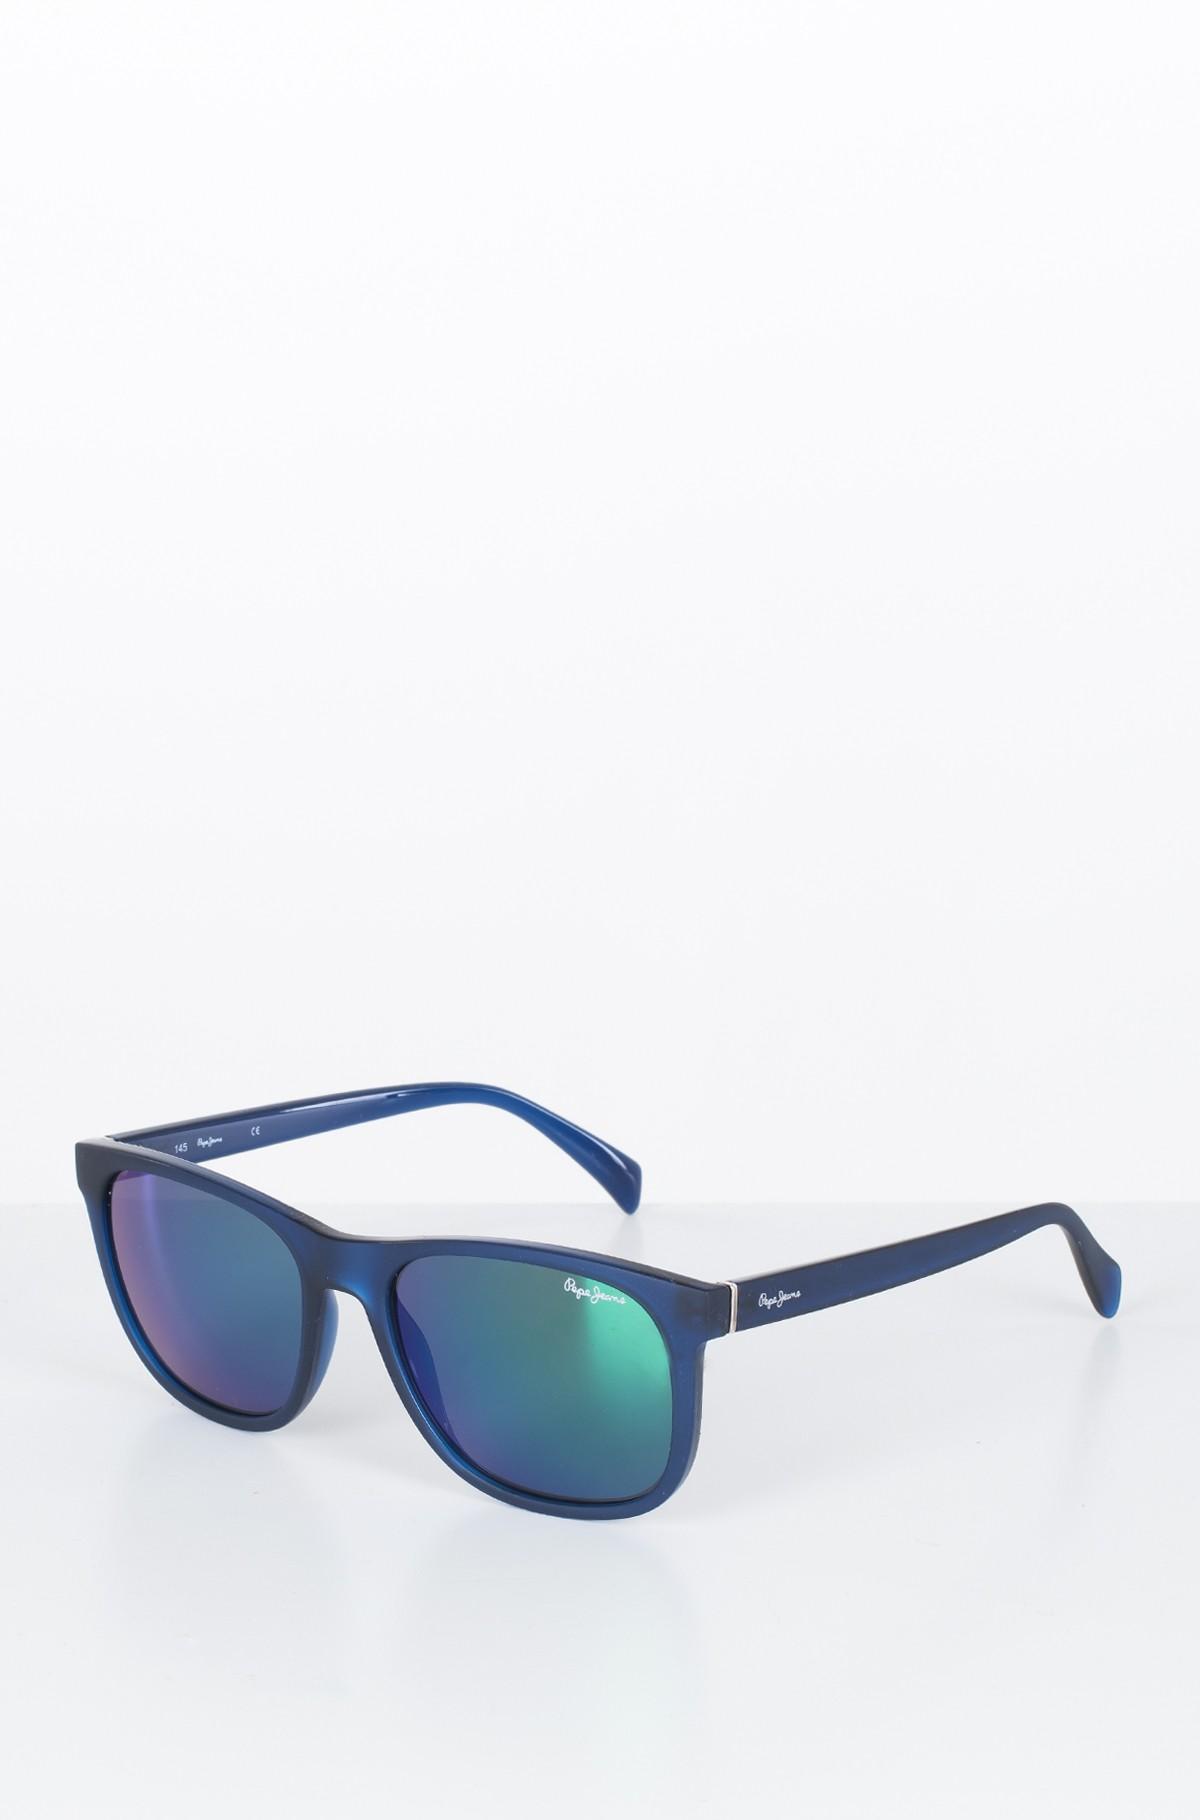 Sunglasses PJ7334-full-1